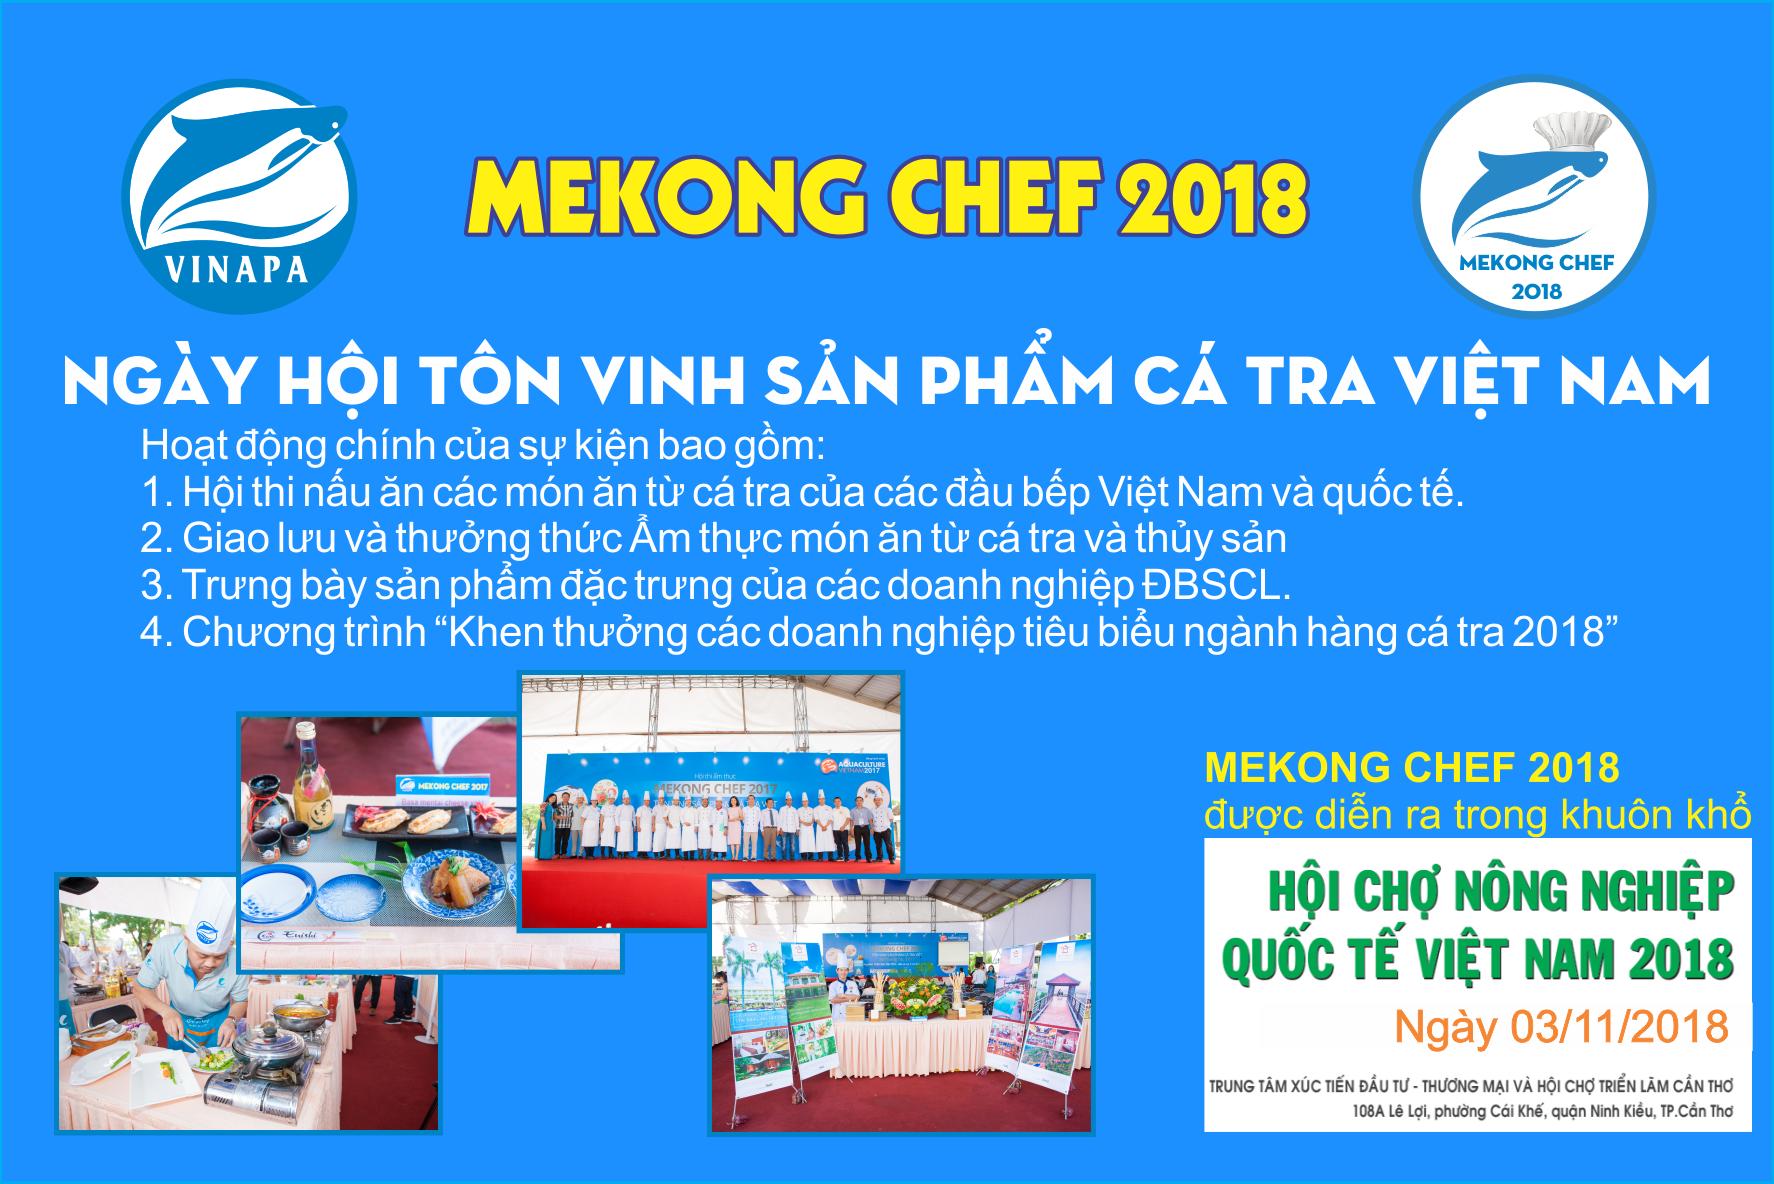 MEKONG CHEF 2018 - Ngày hội Tôn vinh sản phẩm cá Tra Việt